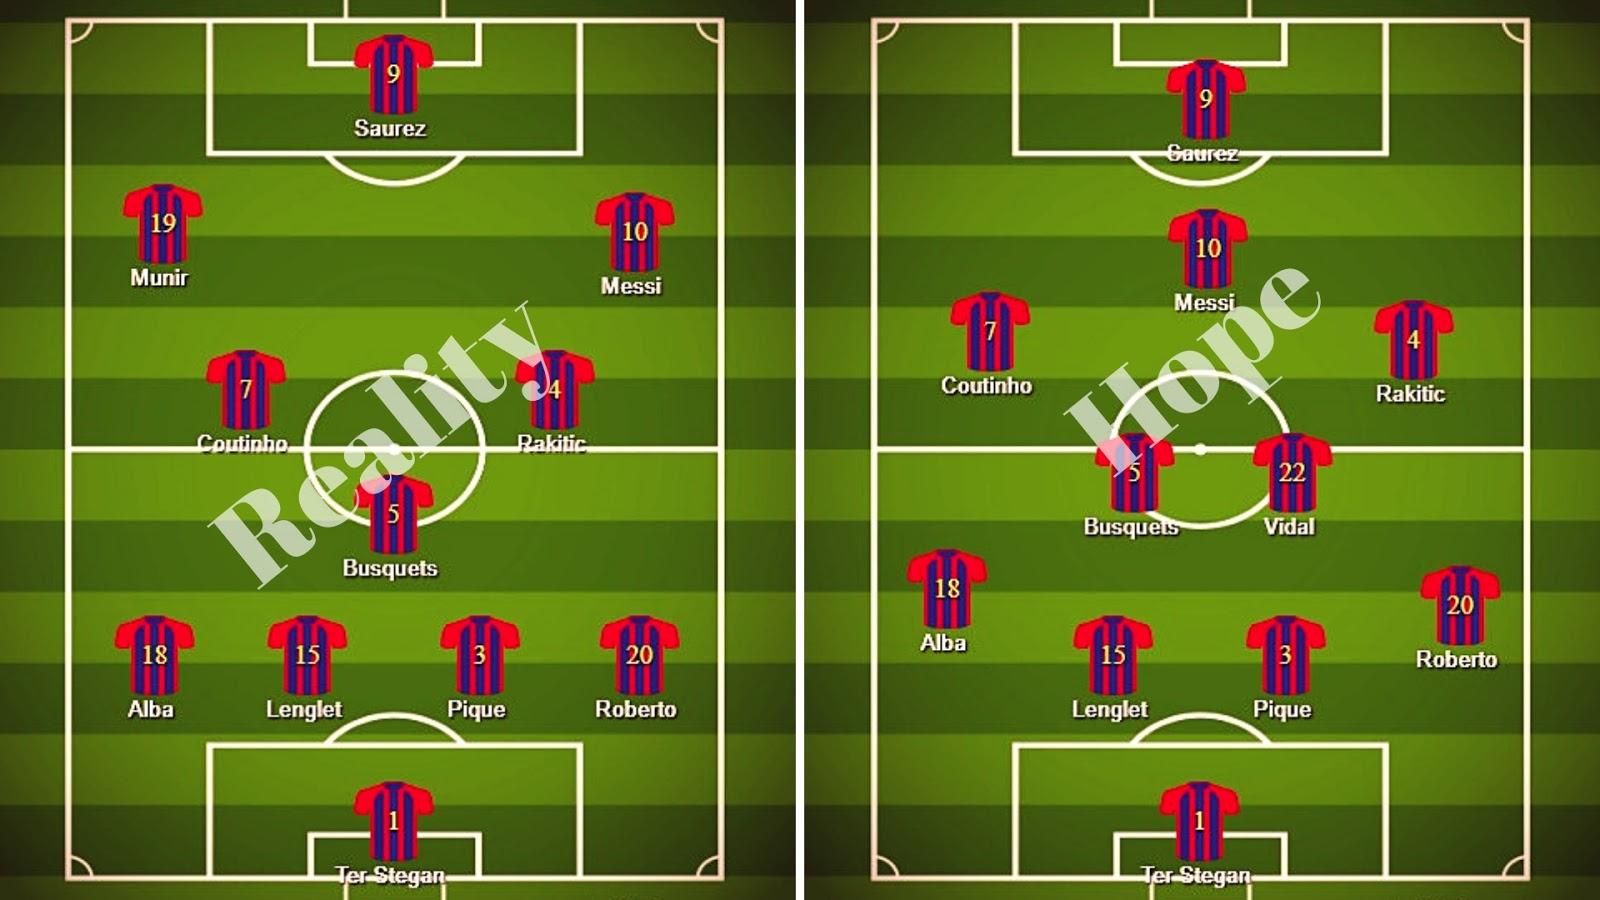 e4dfdf7e868 Barca vs Tottenham Match Preview